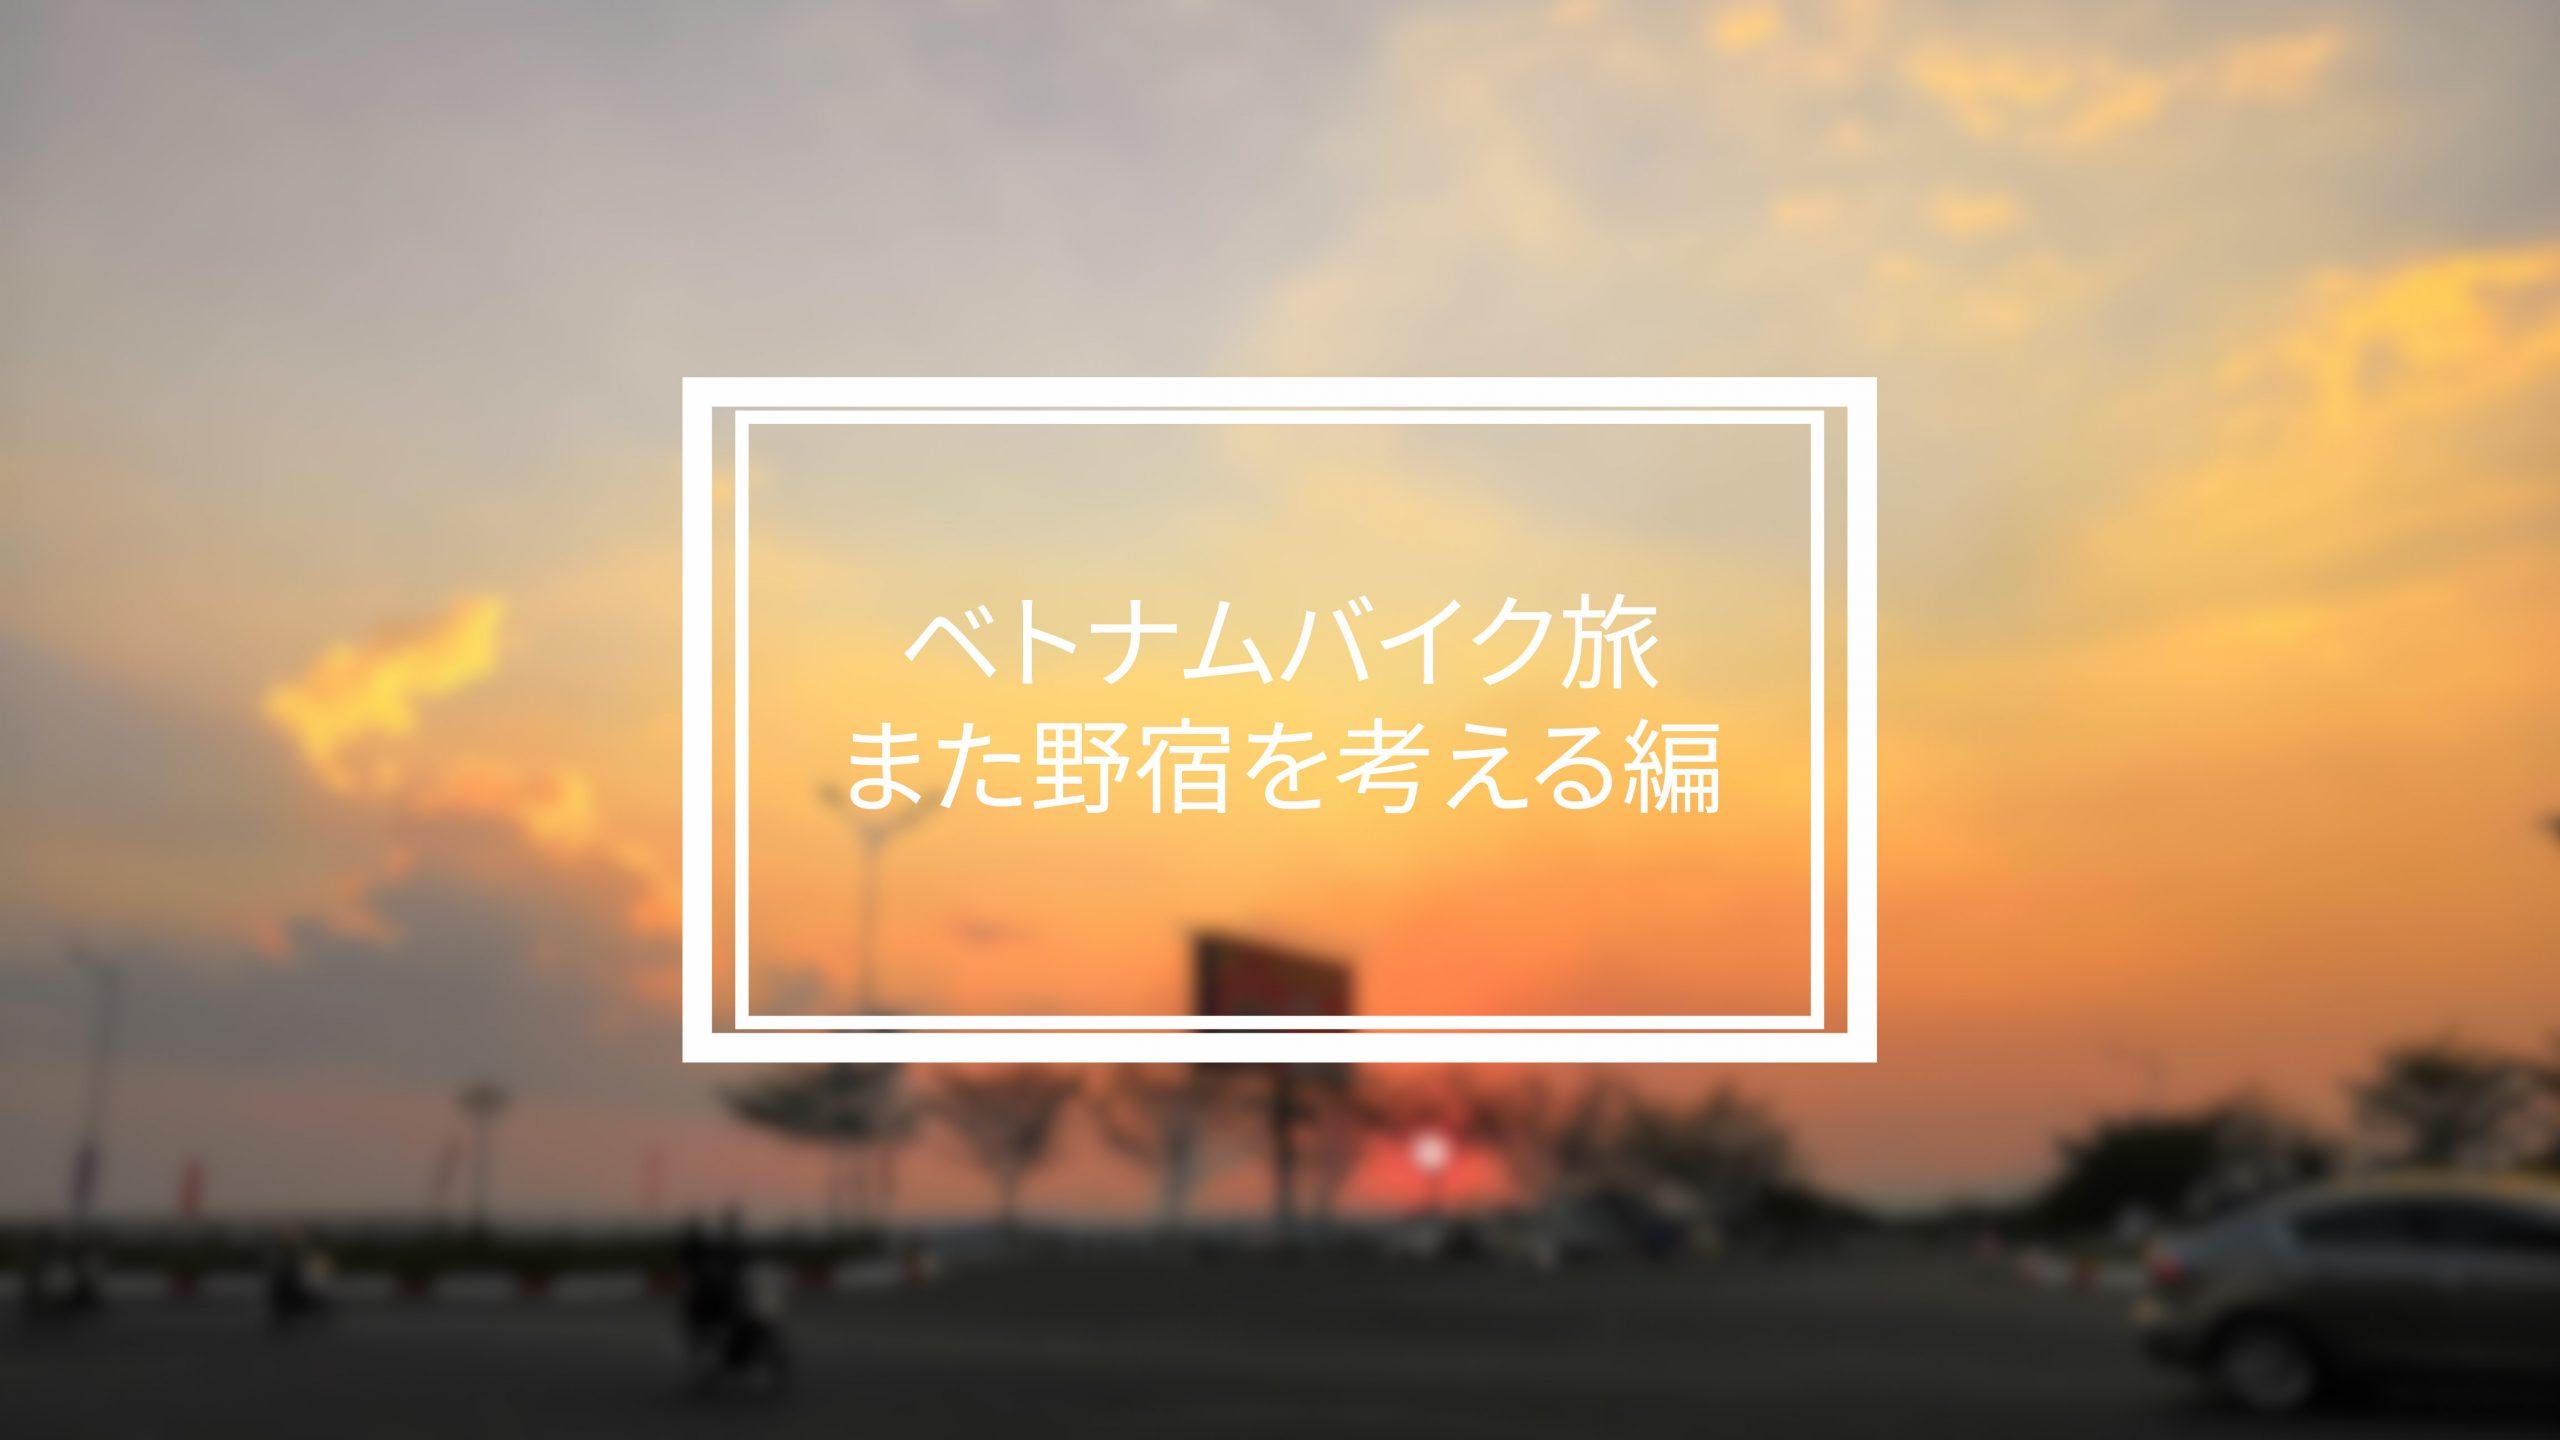 ベトナムバイク旅 (3-3: また野宿を考える編)